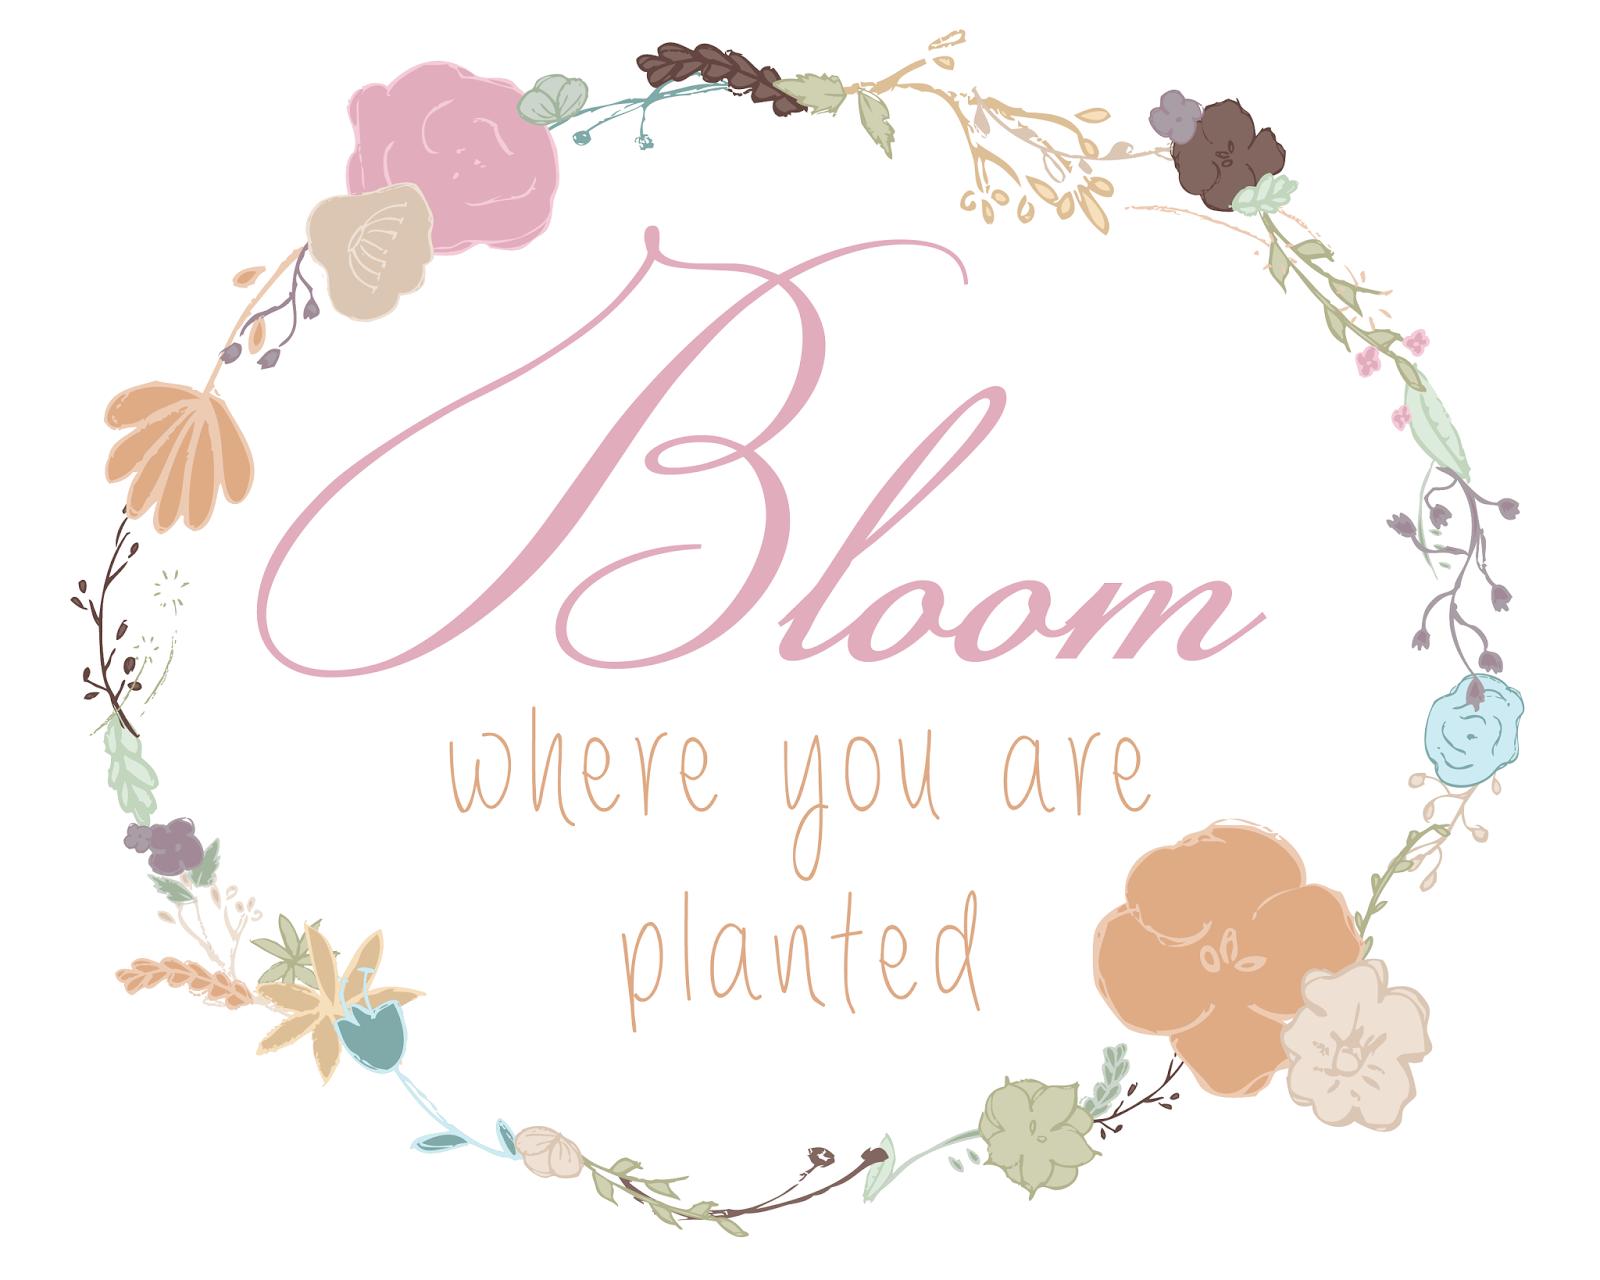 http://2.bp.blogspot.com/-dqyRLT1PuOA/UwfcdeHyVLI/AAAAAAAARjE/1bcSg52KPVY/s1600/Decor-Bloom-01.png